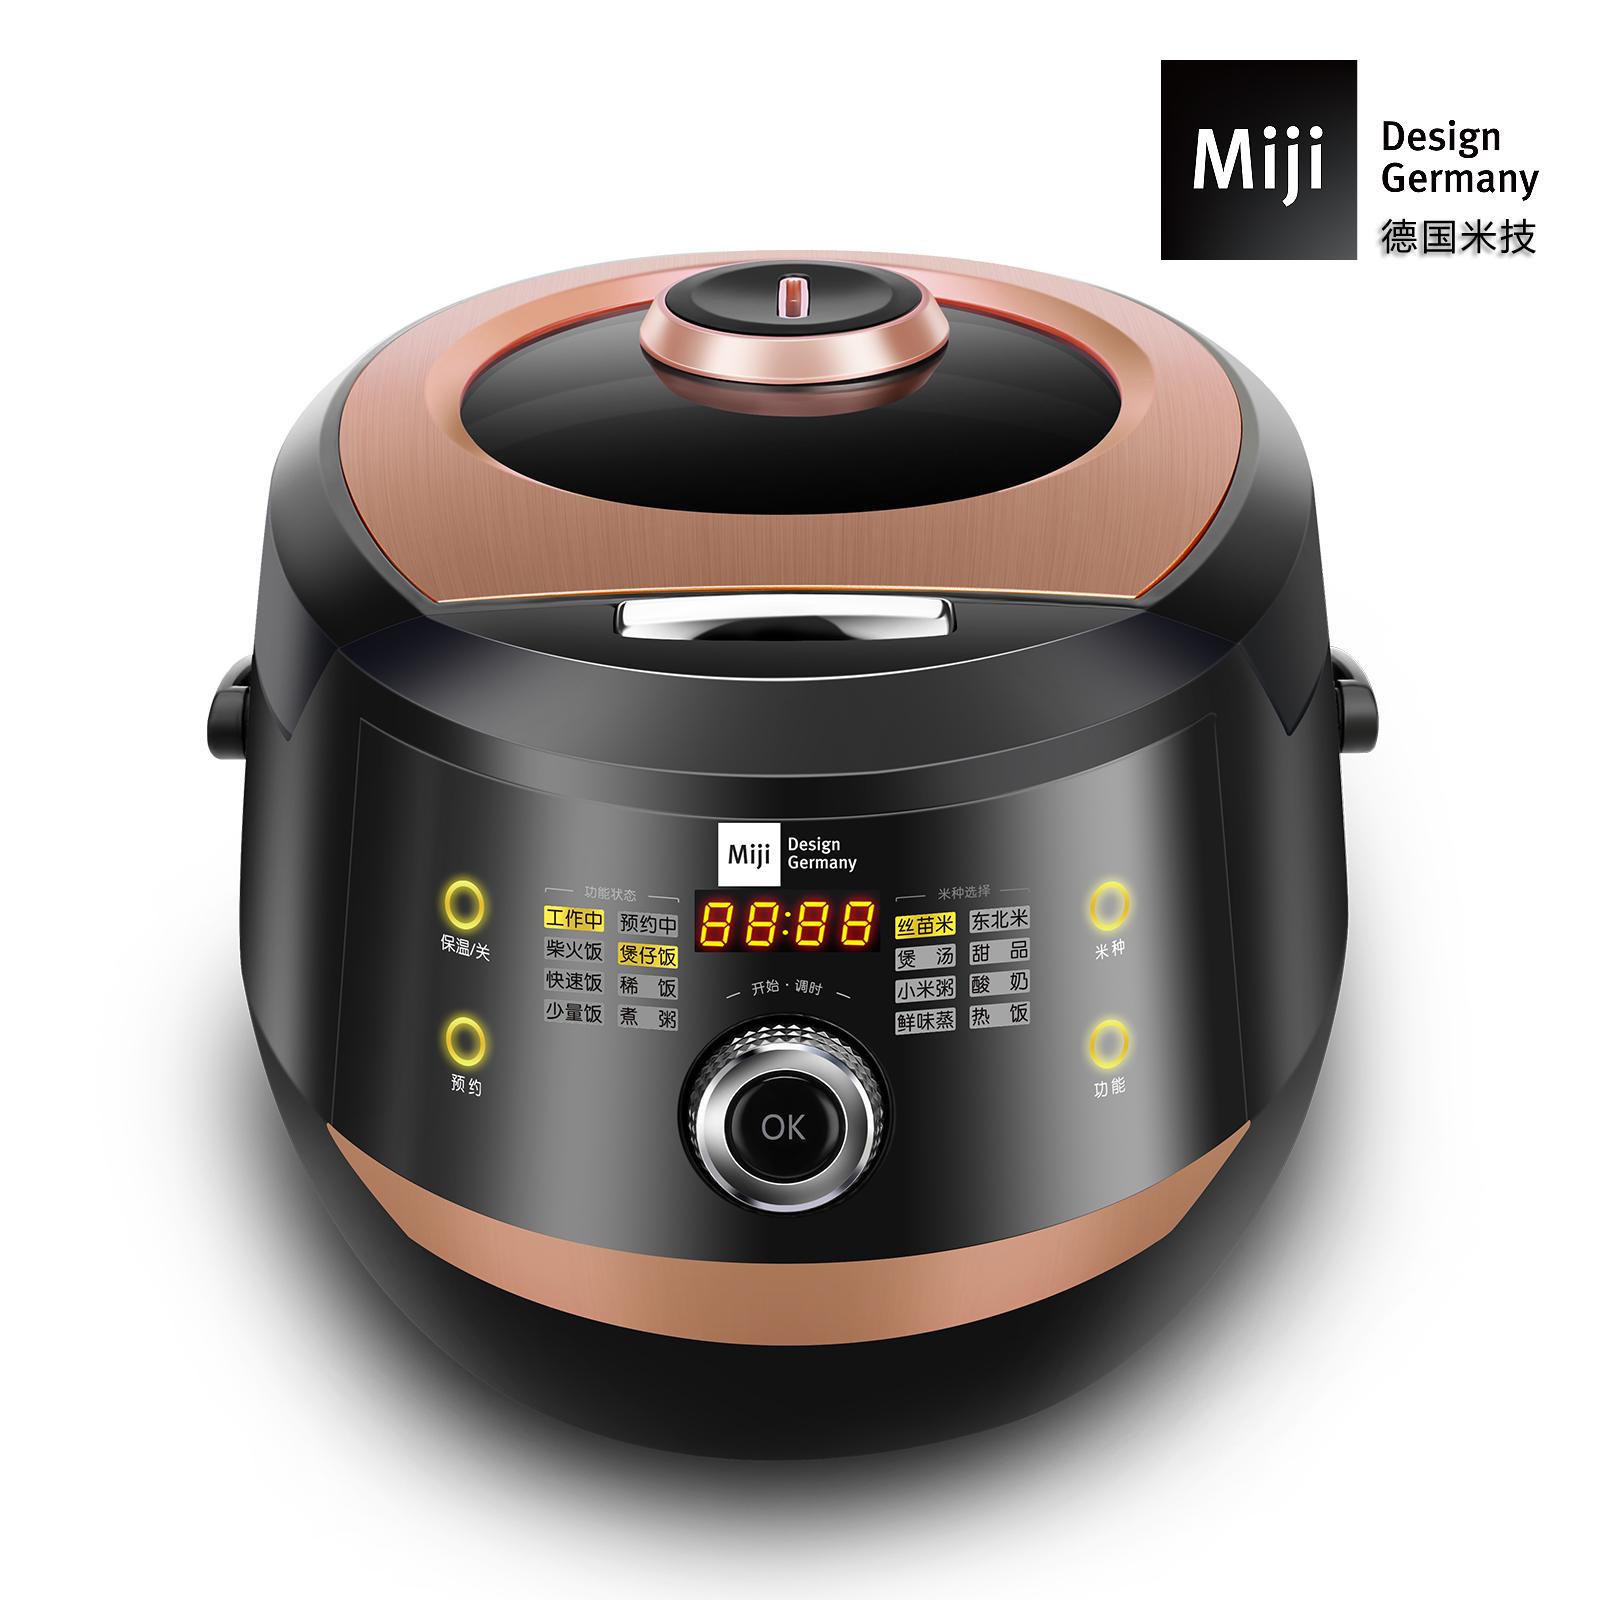 MIJI米技电饭煲电饭锅 大容量不粘内胆多功能智能预约一键飞梭触控ECG-104L